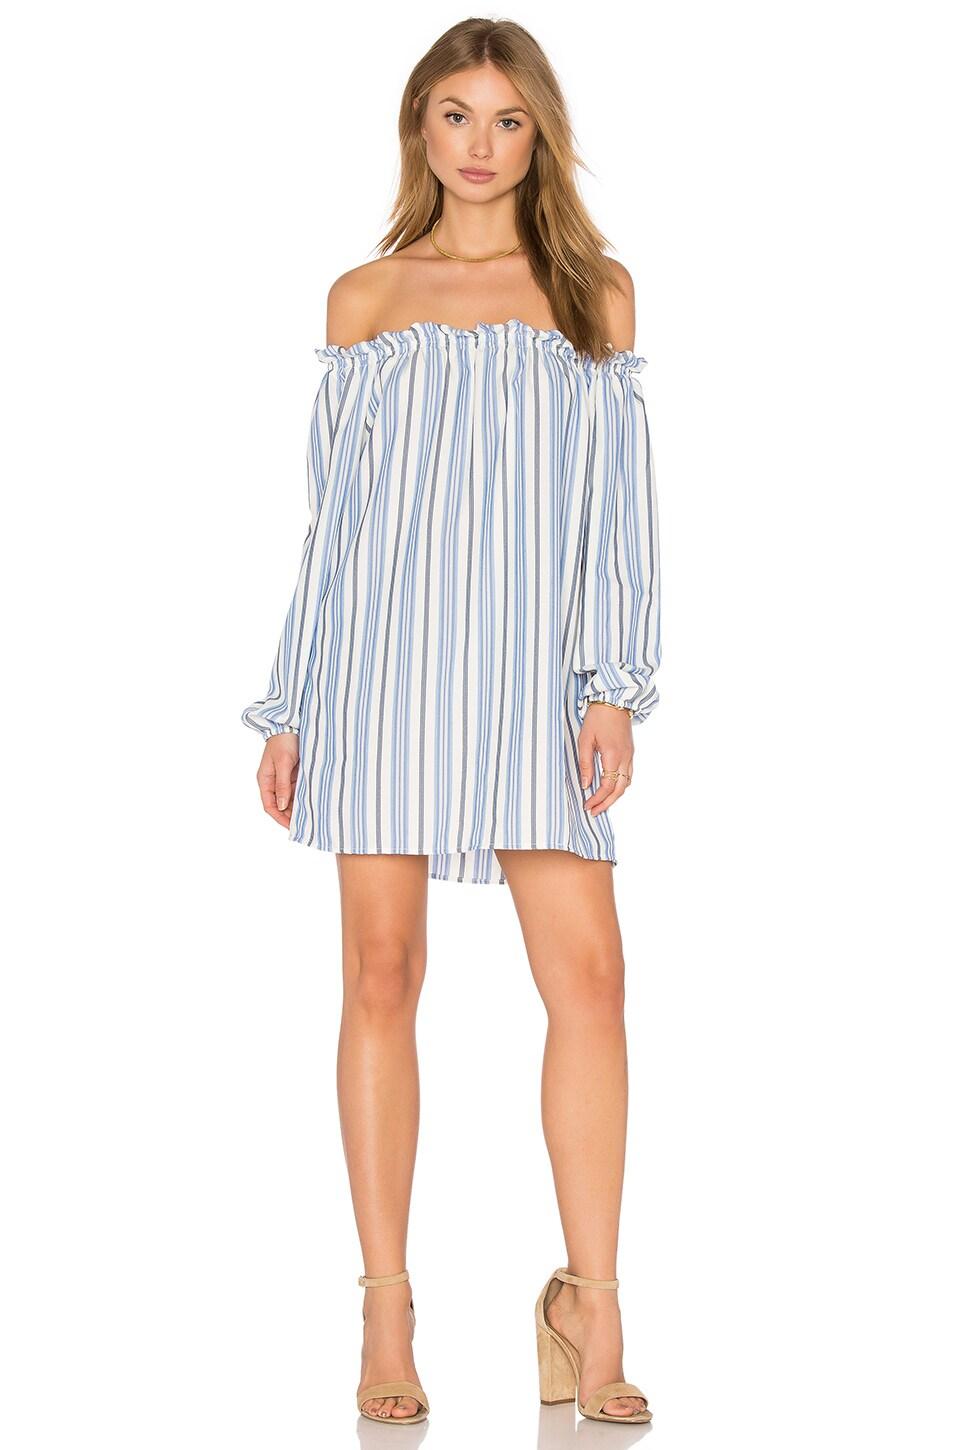 De Lacy Ella Dress in Stripe